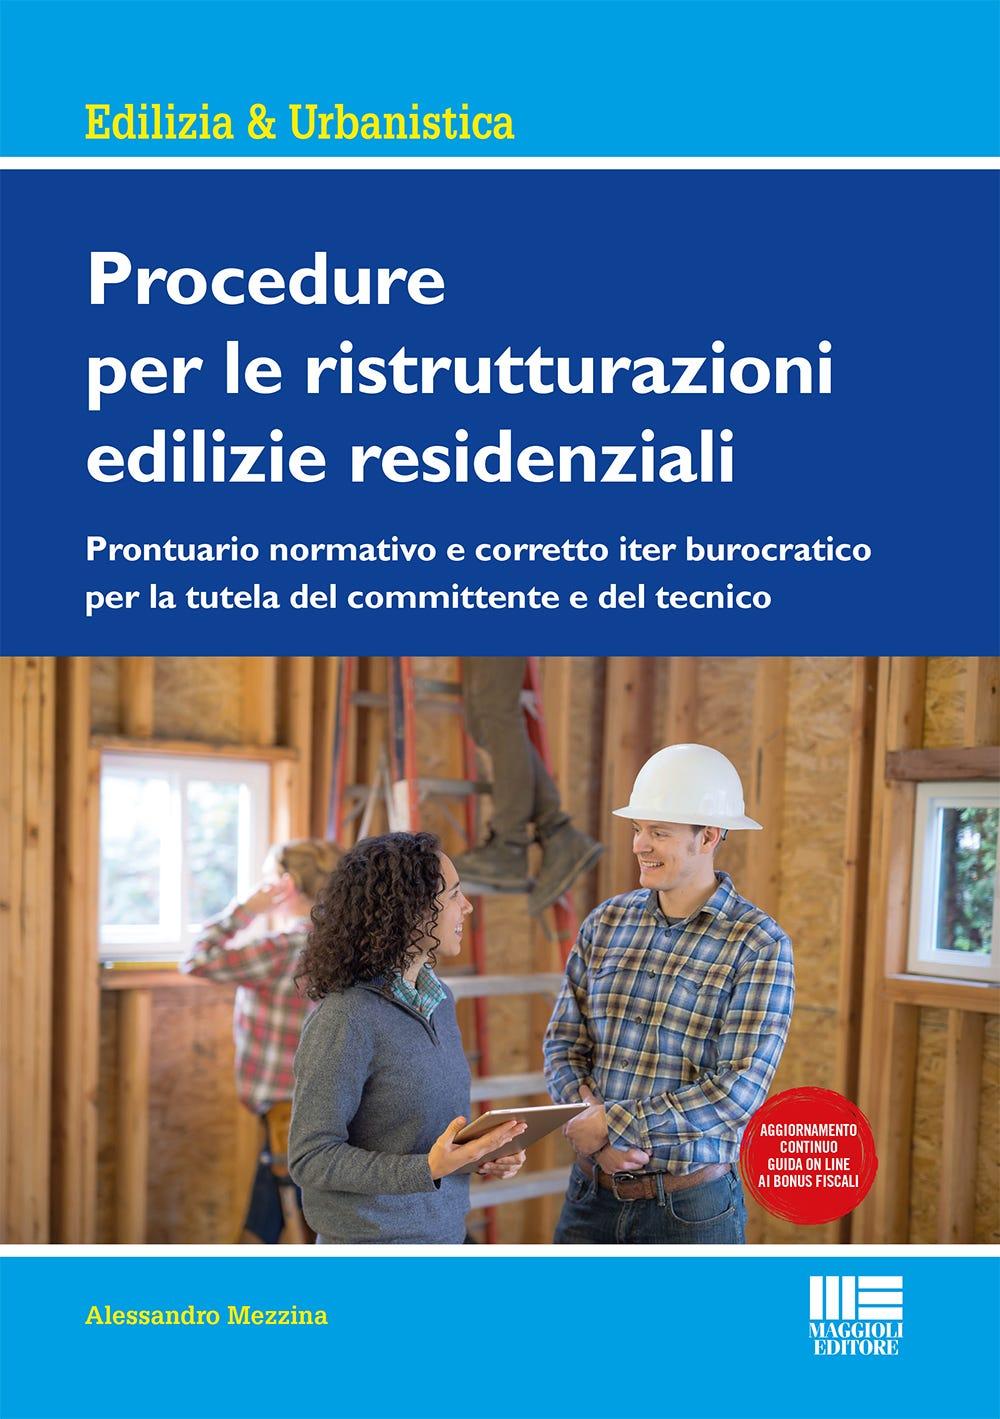 Agibilità Dopo Ristrutturazione procedure per le ristrutturazioni edilizie residenziali